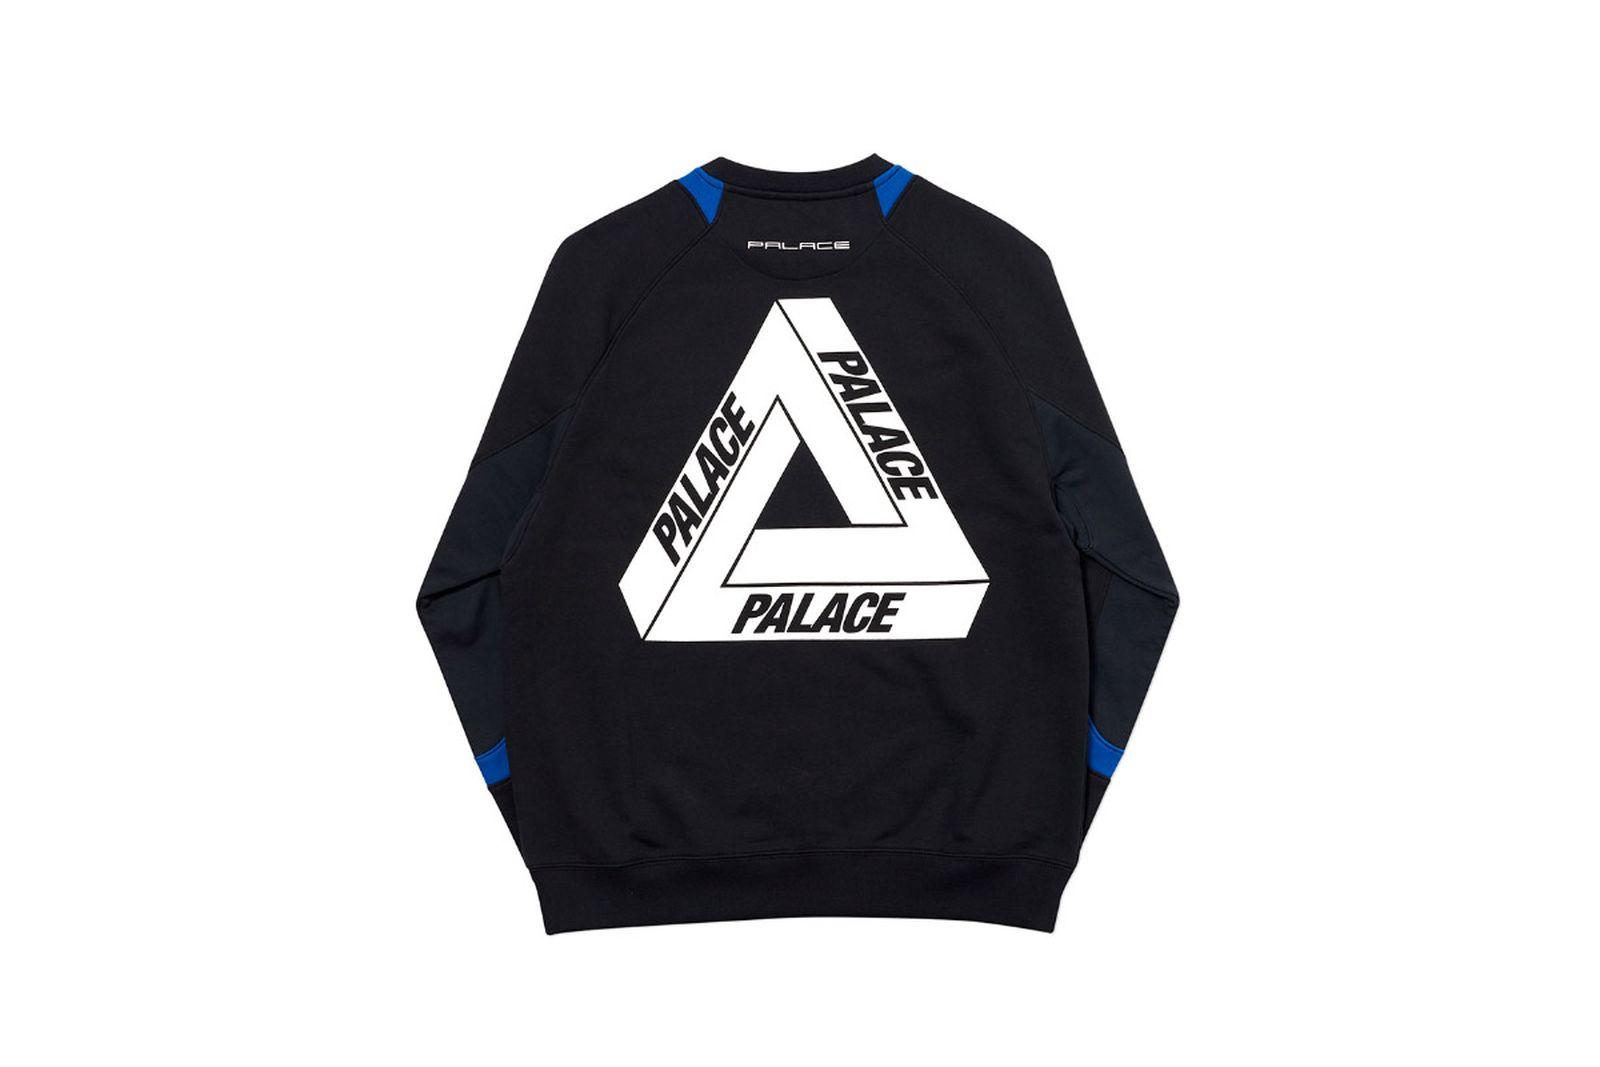 Palace 2019 Autumn Crew Tour De Force black back 2511 1